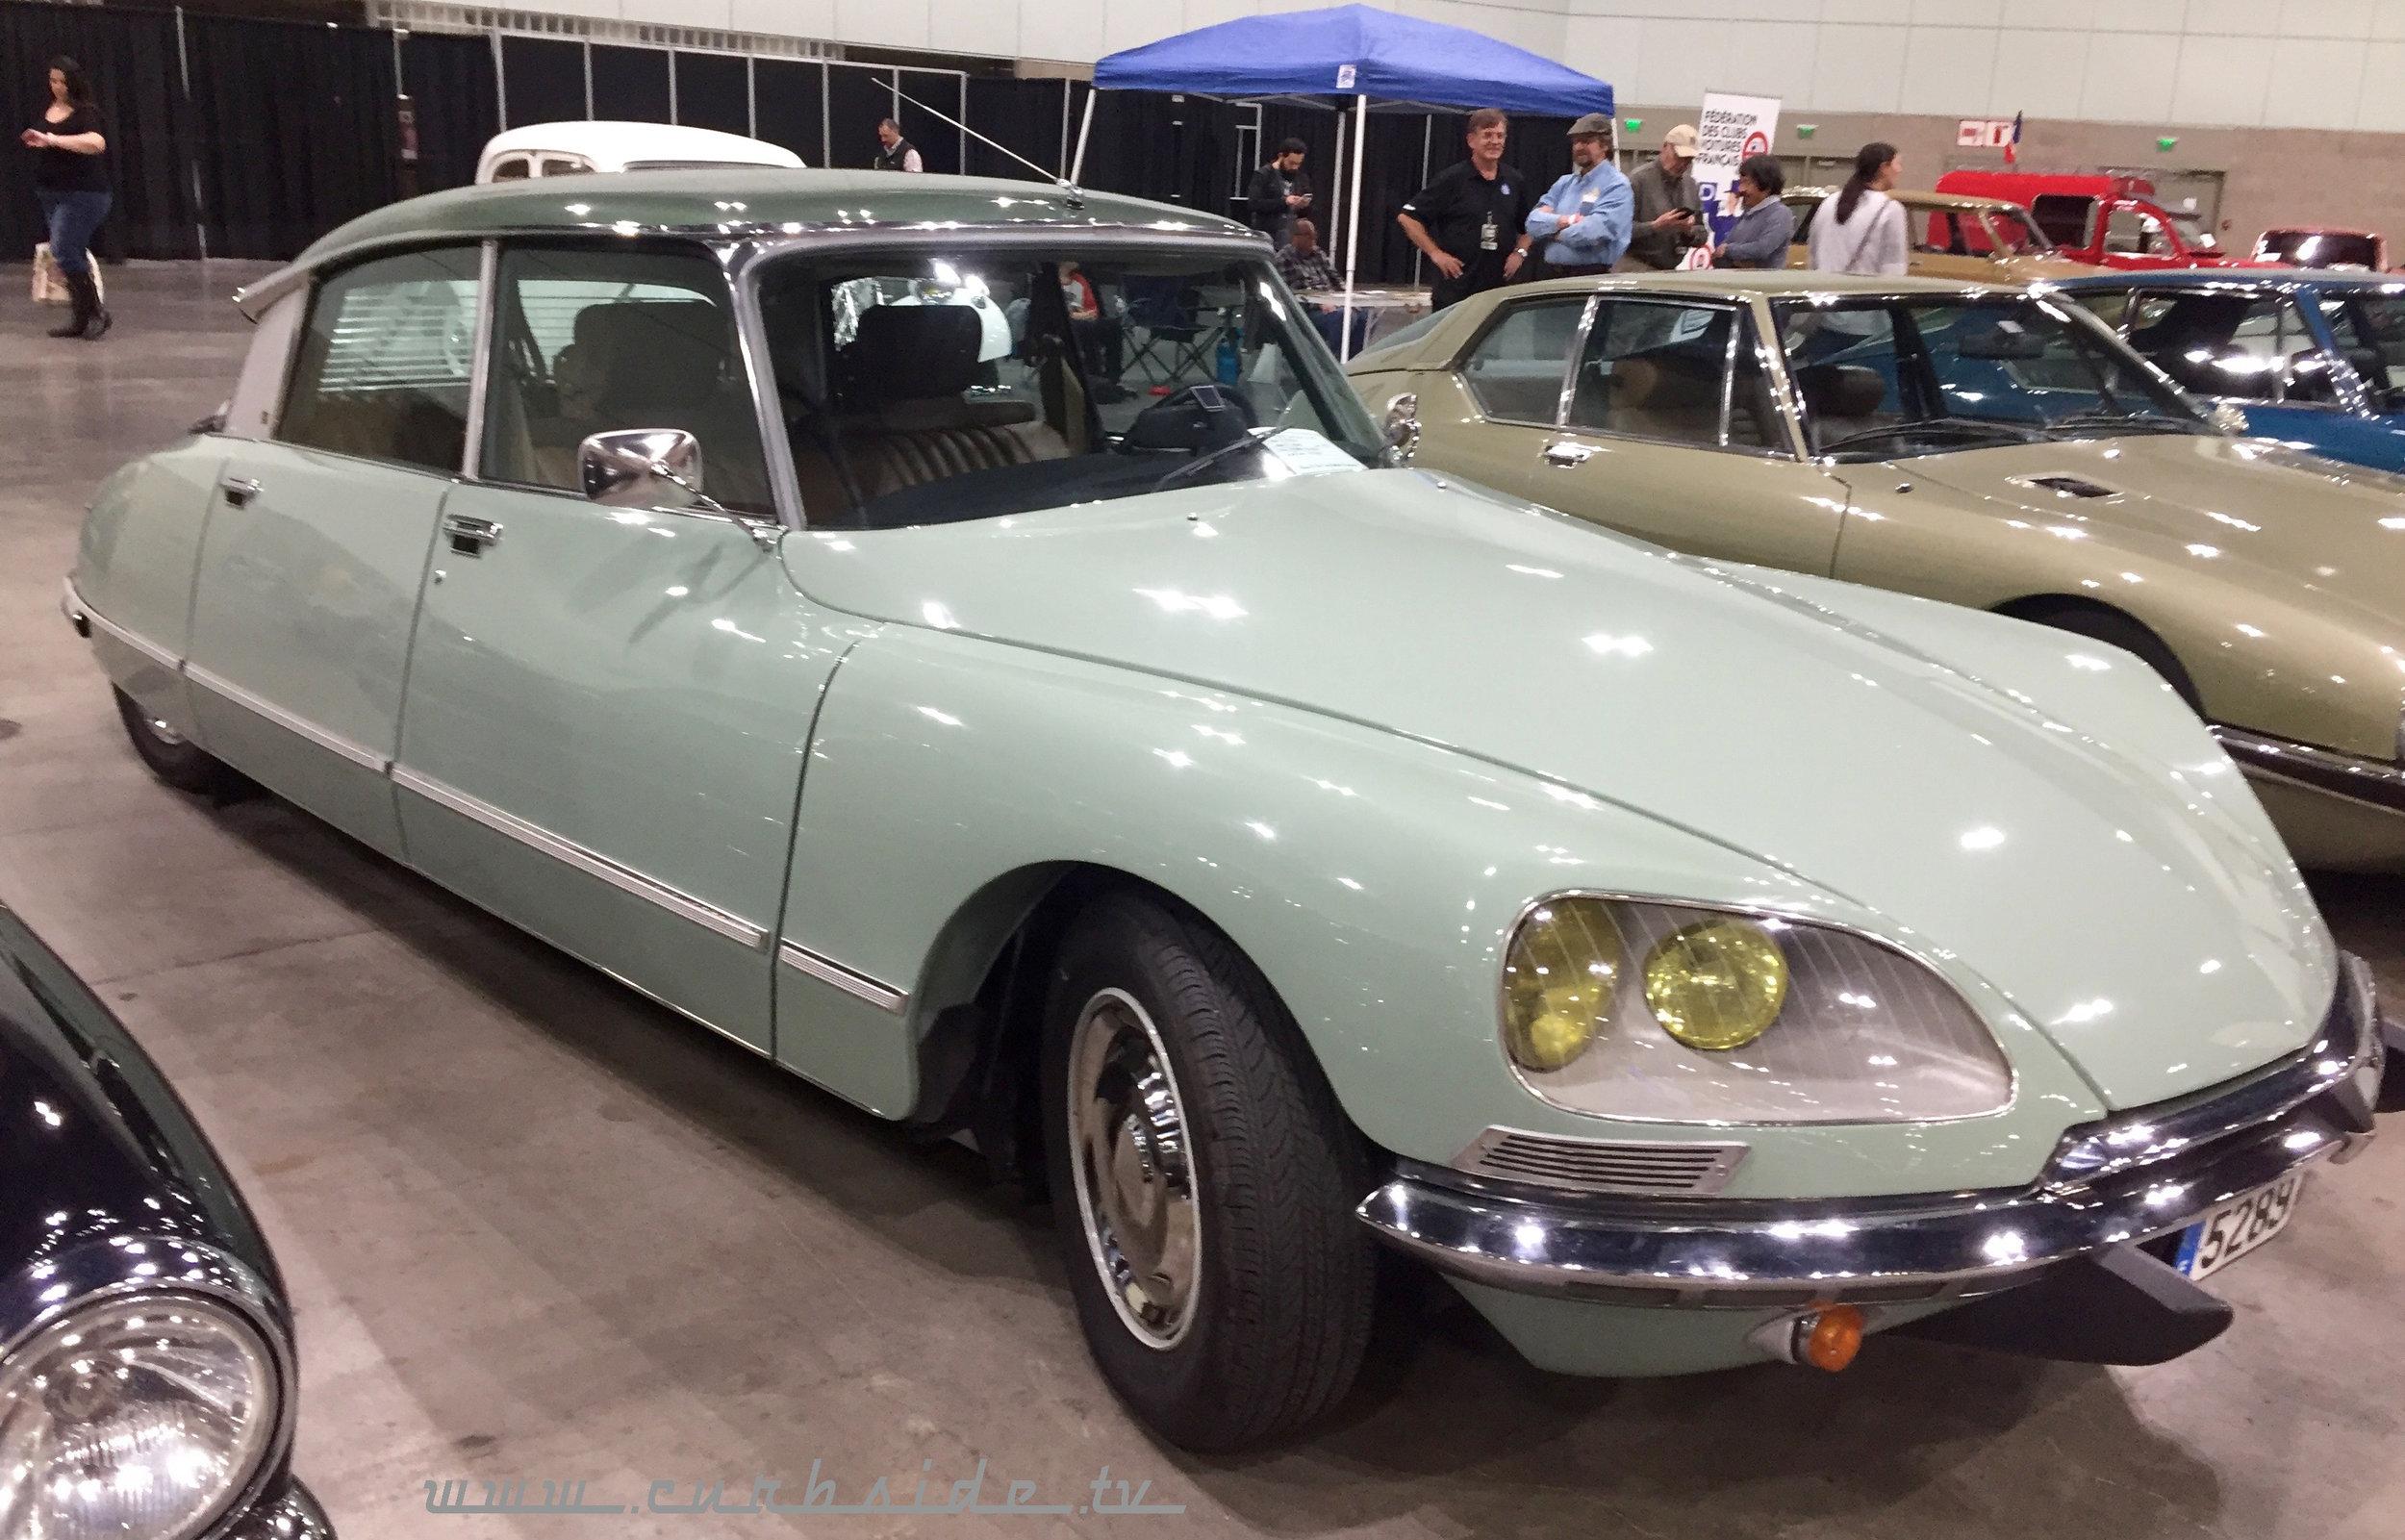 2018 Los Angeles Classic Car Show - Citroen